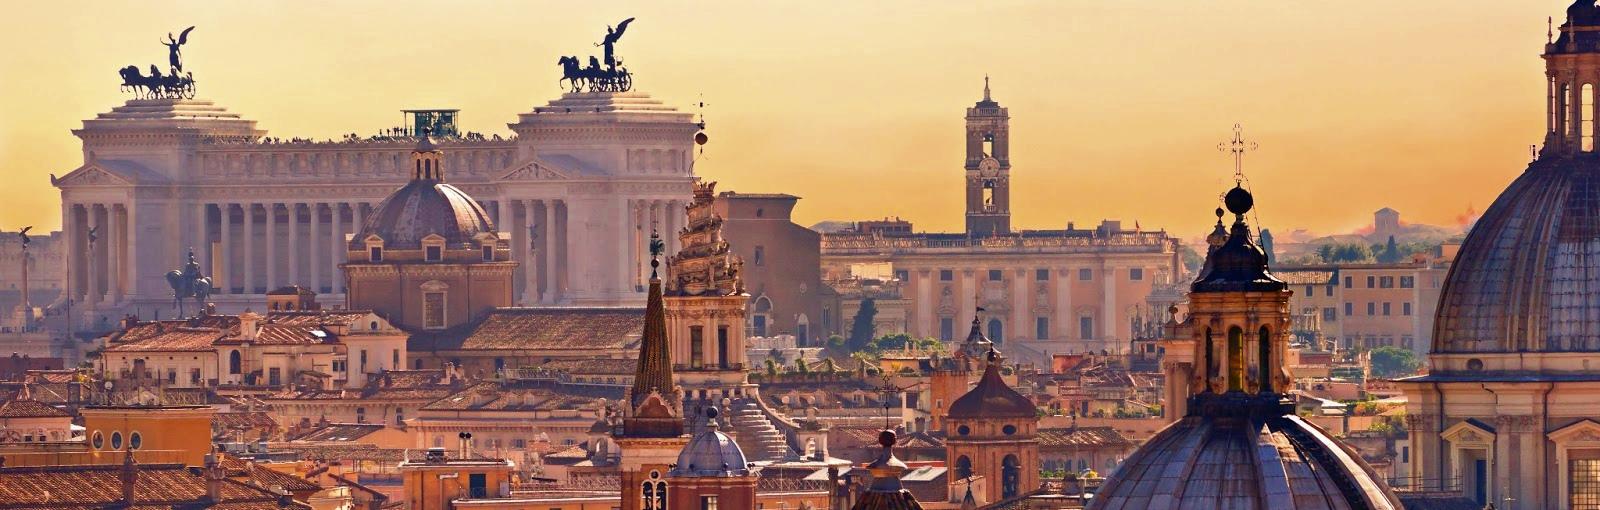 Roma paesaggio  12mq